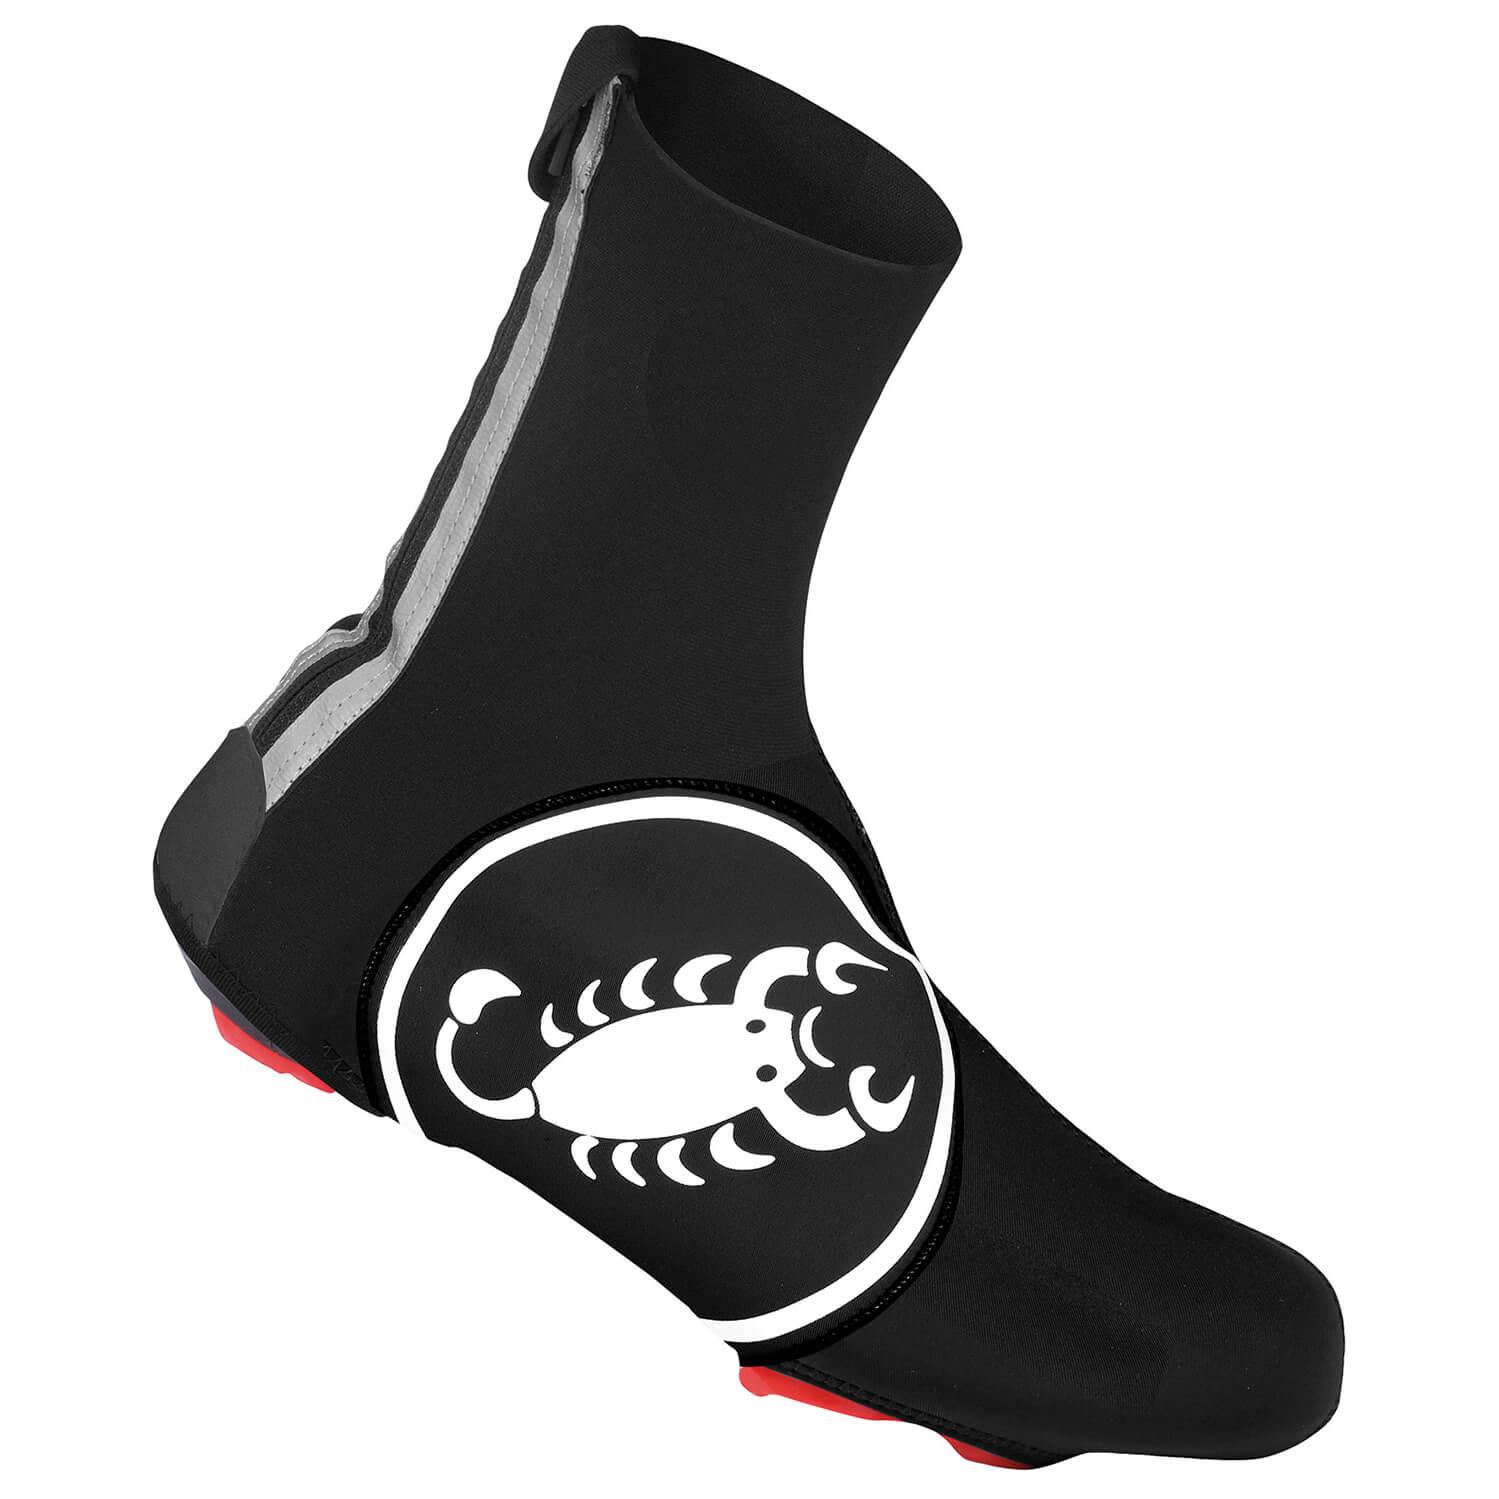 37d0687ddc0 Castelli Diluvio Shoecover 16 - Overschoenen Heren online kopen ...